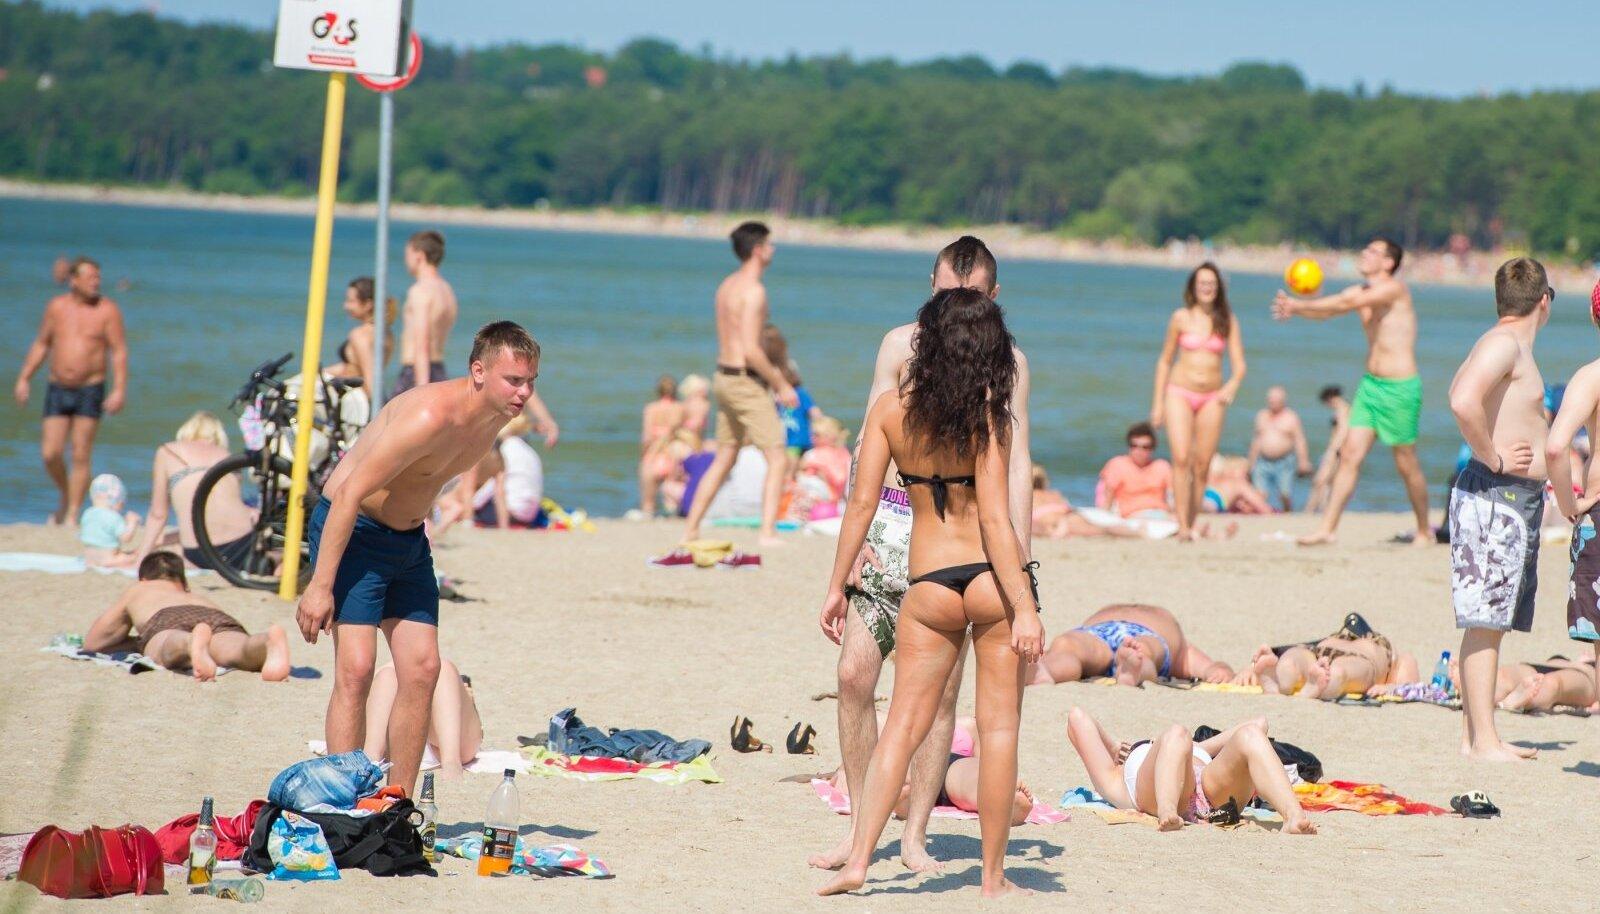 Pirita rand. Eestis pole paljaste rindadega rannas käimine nii levinud kui Saksamaal